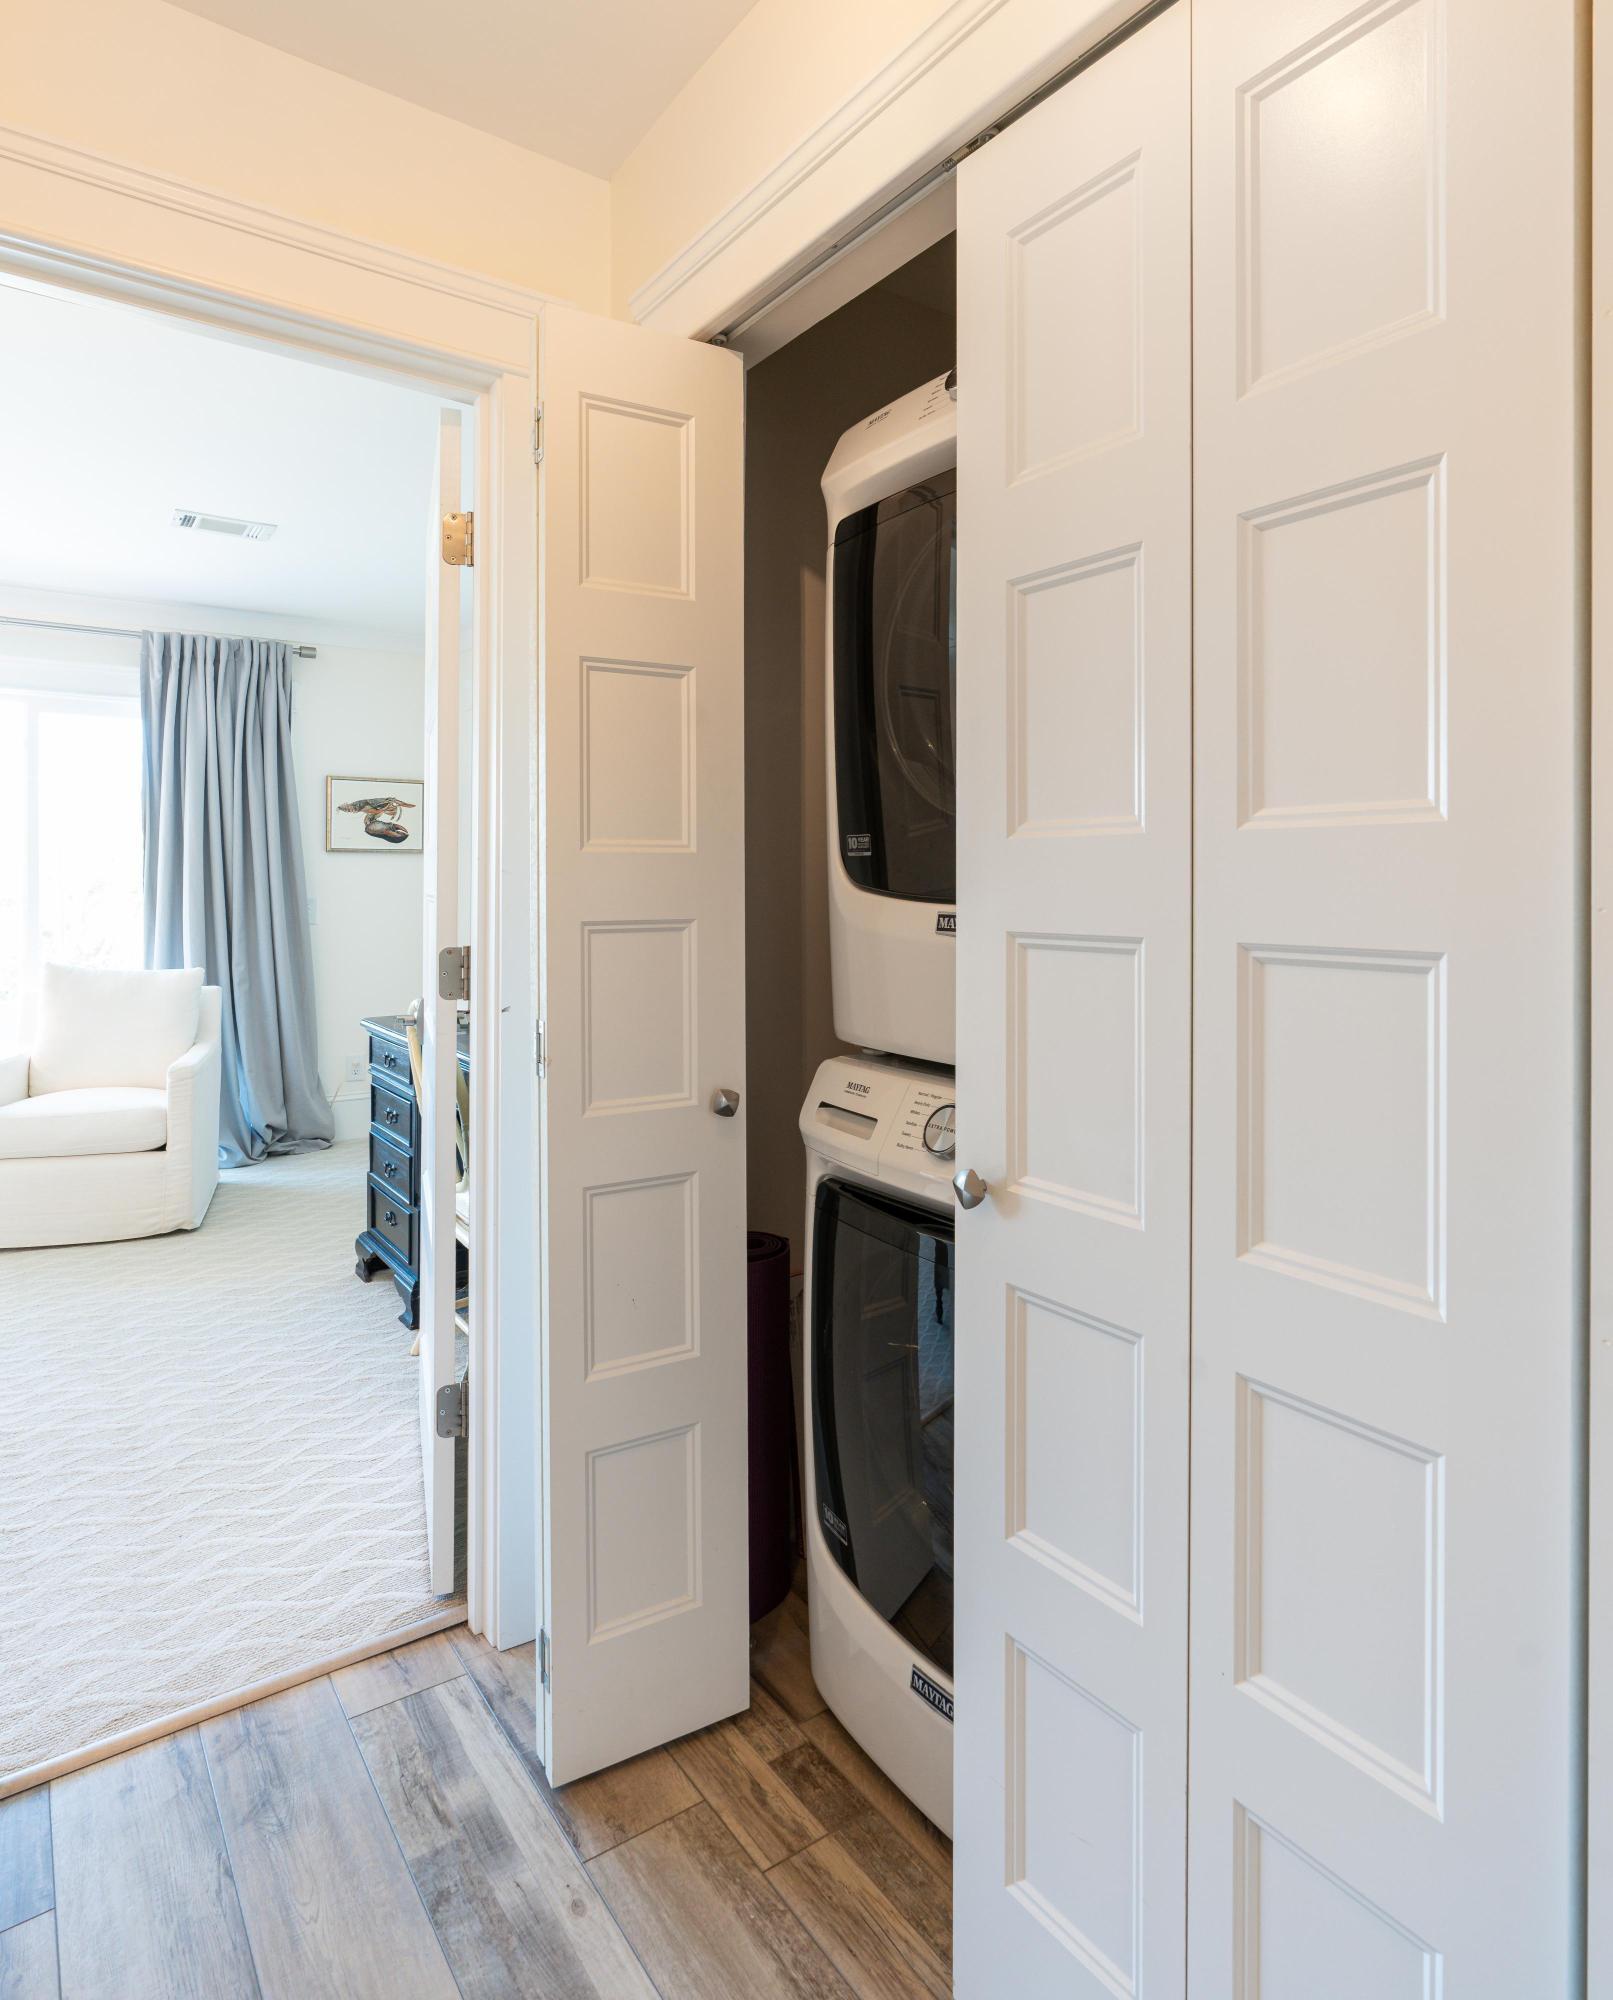 Sullivans Island Homes For Sale - 3025 Jasper, Sullivans Island, SC - 7